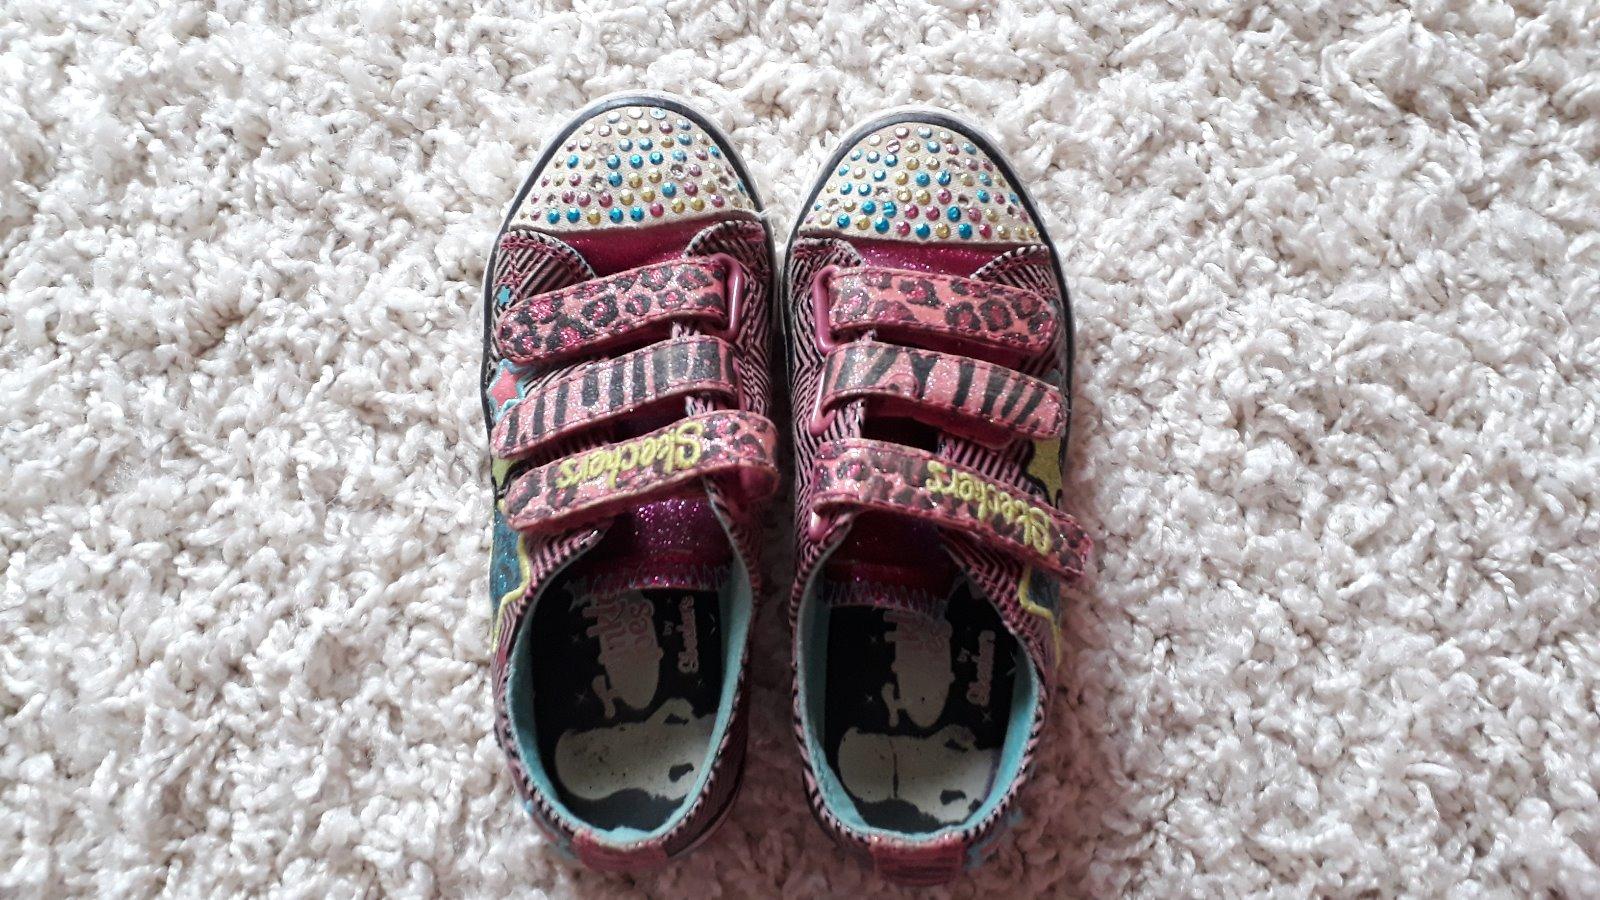 Hezké nakupování  -) Blikající boty s kamínky afc2f2d089